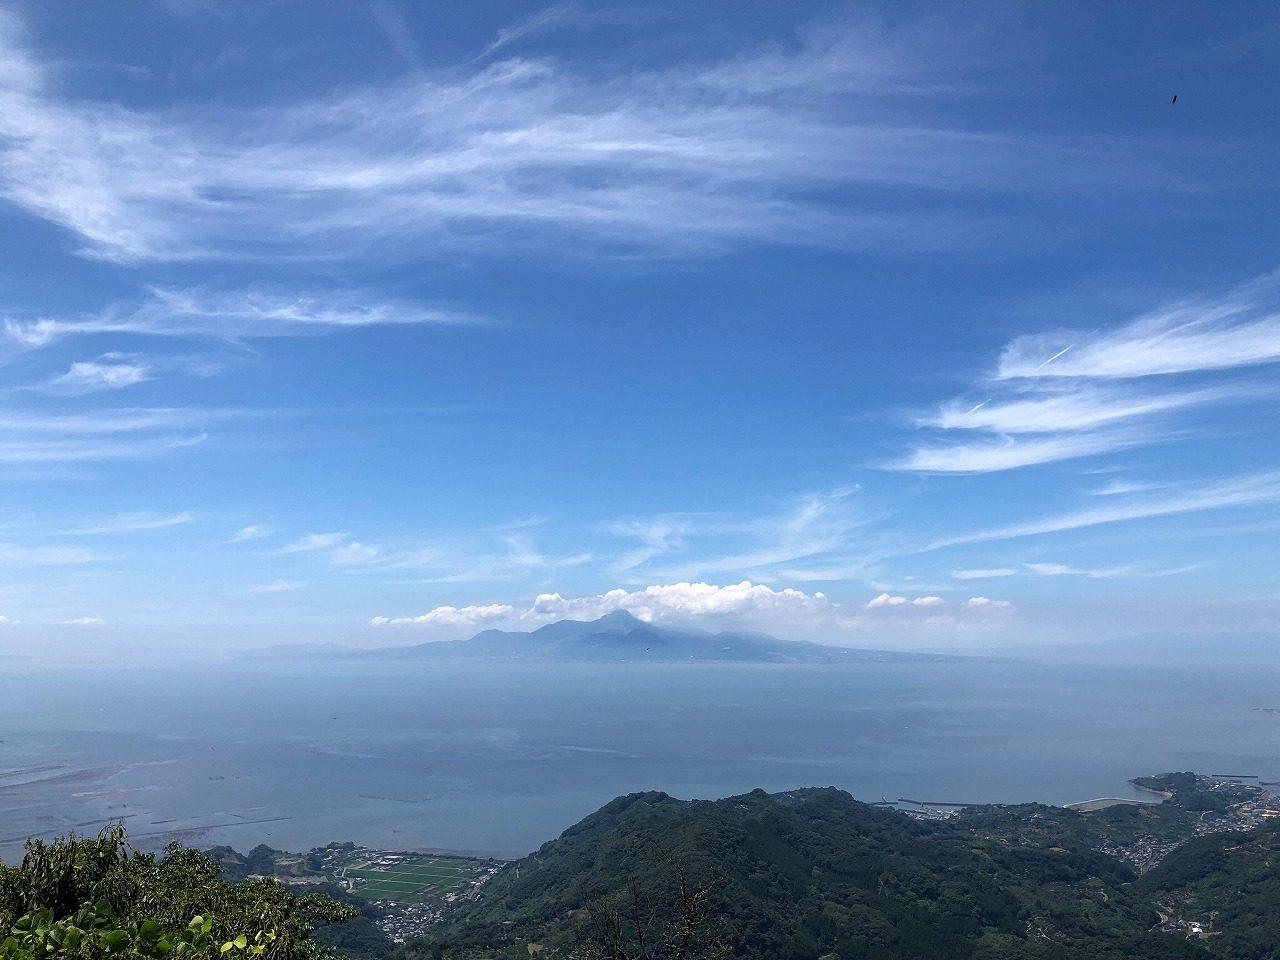 金峰山より雲仙普賢岳